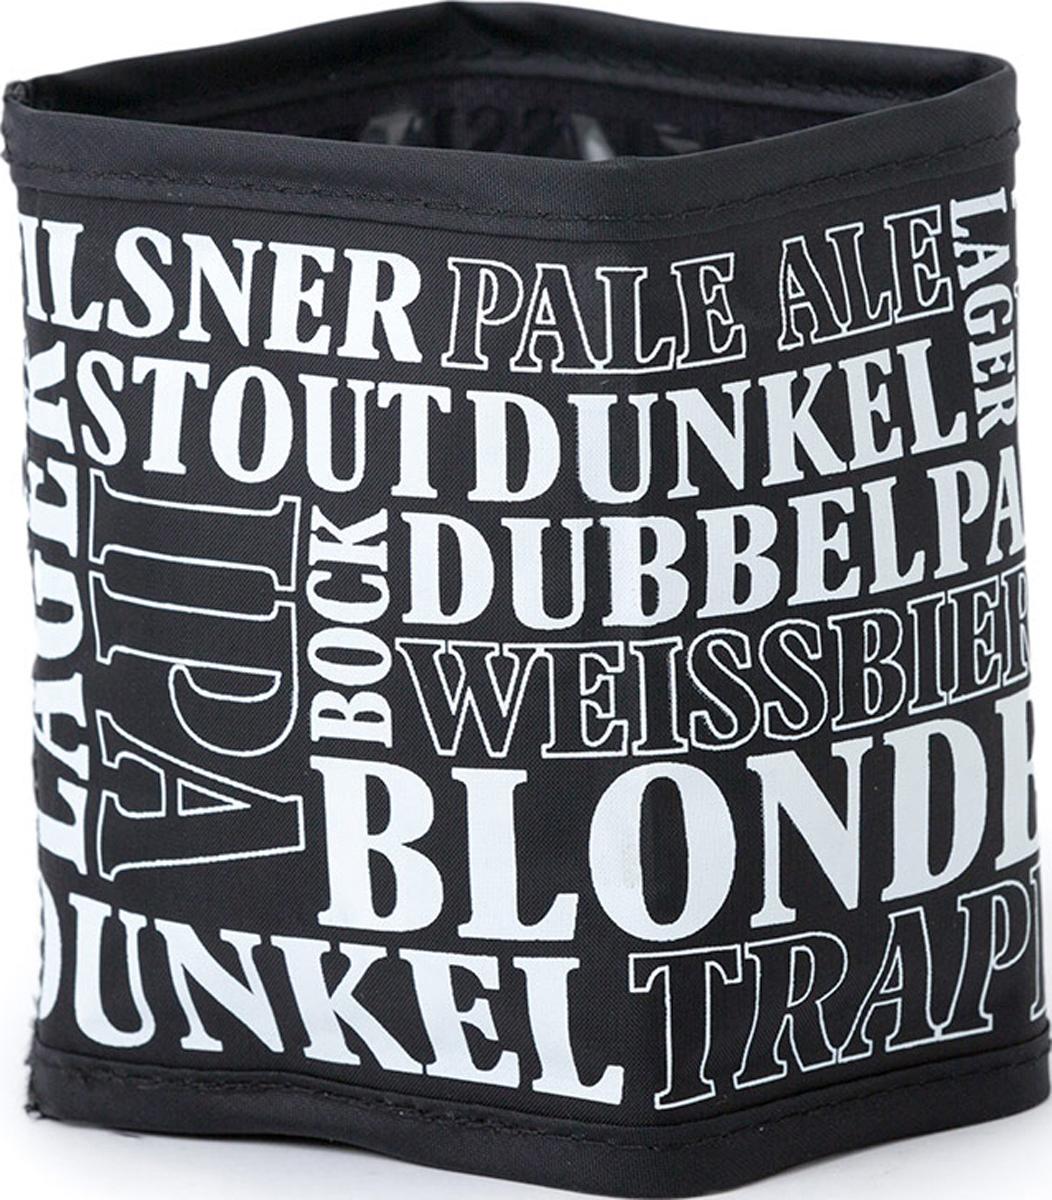 Рубашка охладительная Balvi World of Beers, для пива, цвет: черный, 4 шт26542Охладительная рубашка для пива World of Beers требуется для того, чтобы не нагревалось и оставалось охлажденным. Достаточно поместить рубашку на 6 часов в морозильную камеру, а затем надеть их на банку или бутылку пива. И простой, но очень удобный аксессуар позволит наслаждаться насыщенным вкусом пива при правильной температуре. Комплект включает в себя четыре рубашки, так что их хватит на всю дружную компанию. А принт различных сортов пива привнесет разнообразие и превратит охладительные рубашки для пива в стильный и незаменимый аксессуар для душевного отдыха.- Эластичный нейлон растягивается под любые размеры.- Охлаждающий гель надолго сохраняет заданную температуру.- Высокое качество проработки и прочность материалов изготовления.